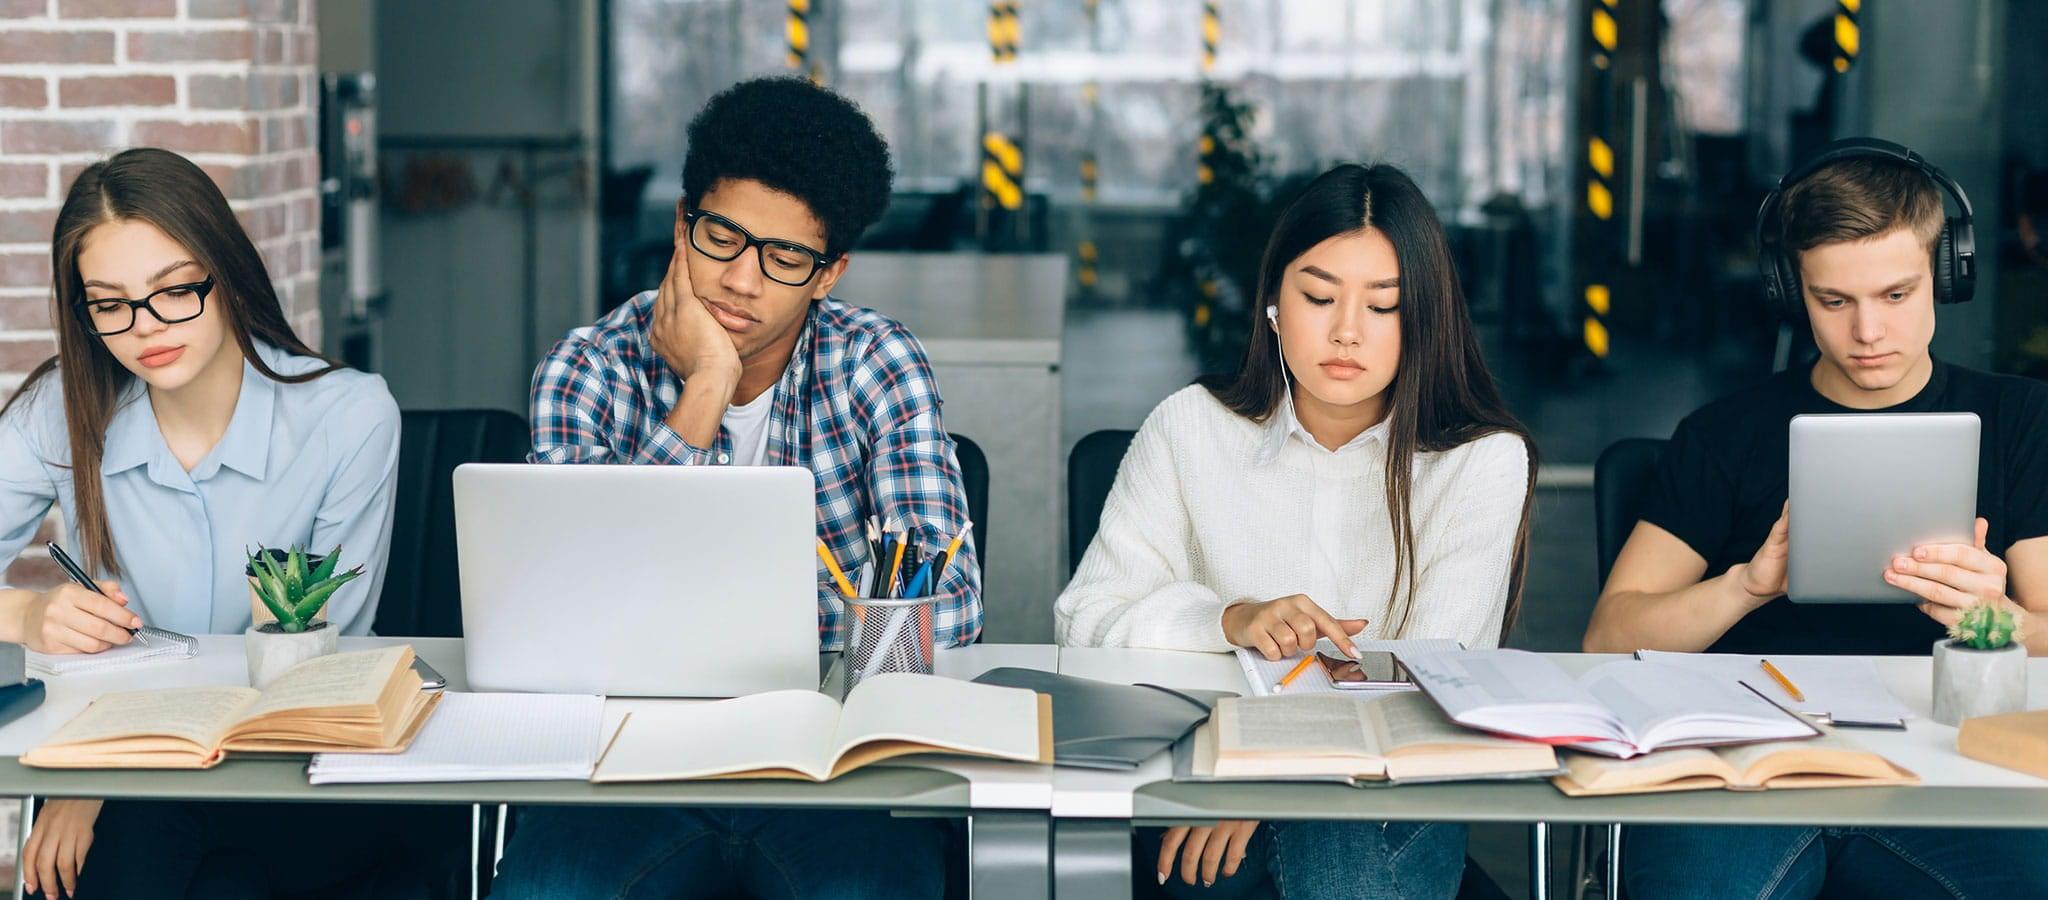 「紙とデジタル」学びの違いは、経験の差の可能性